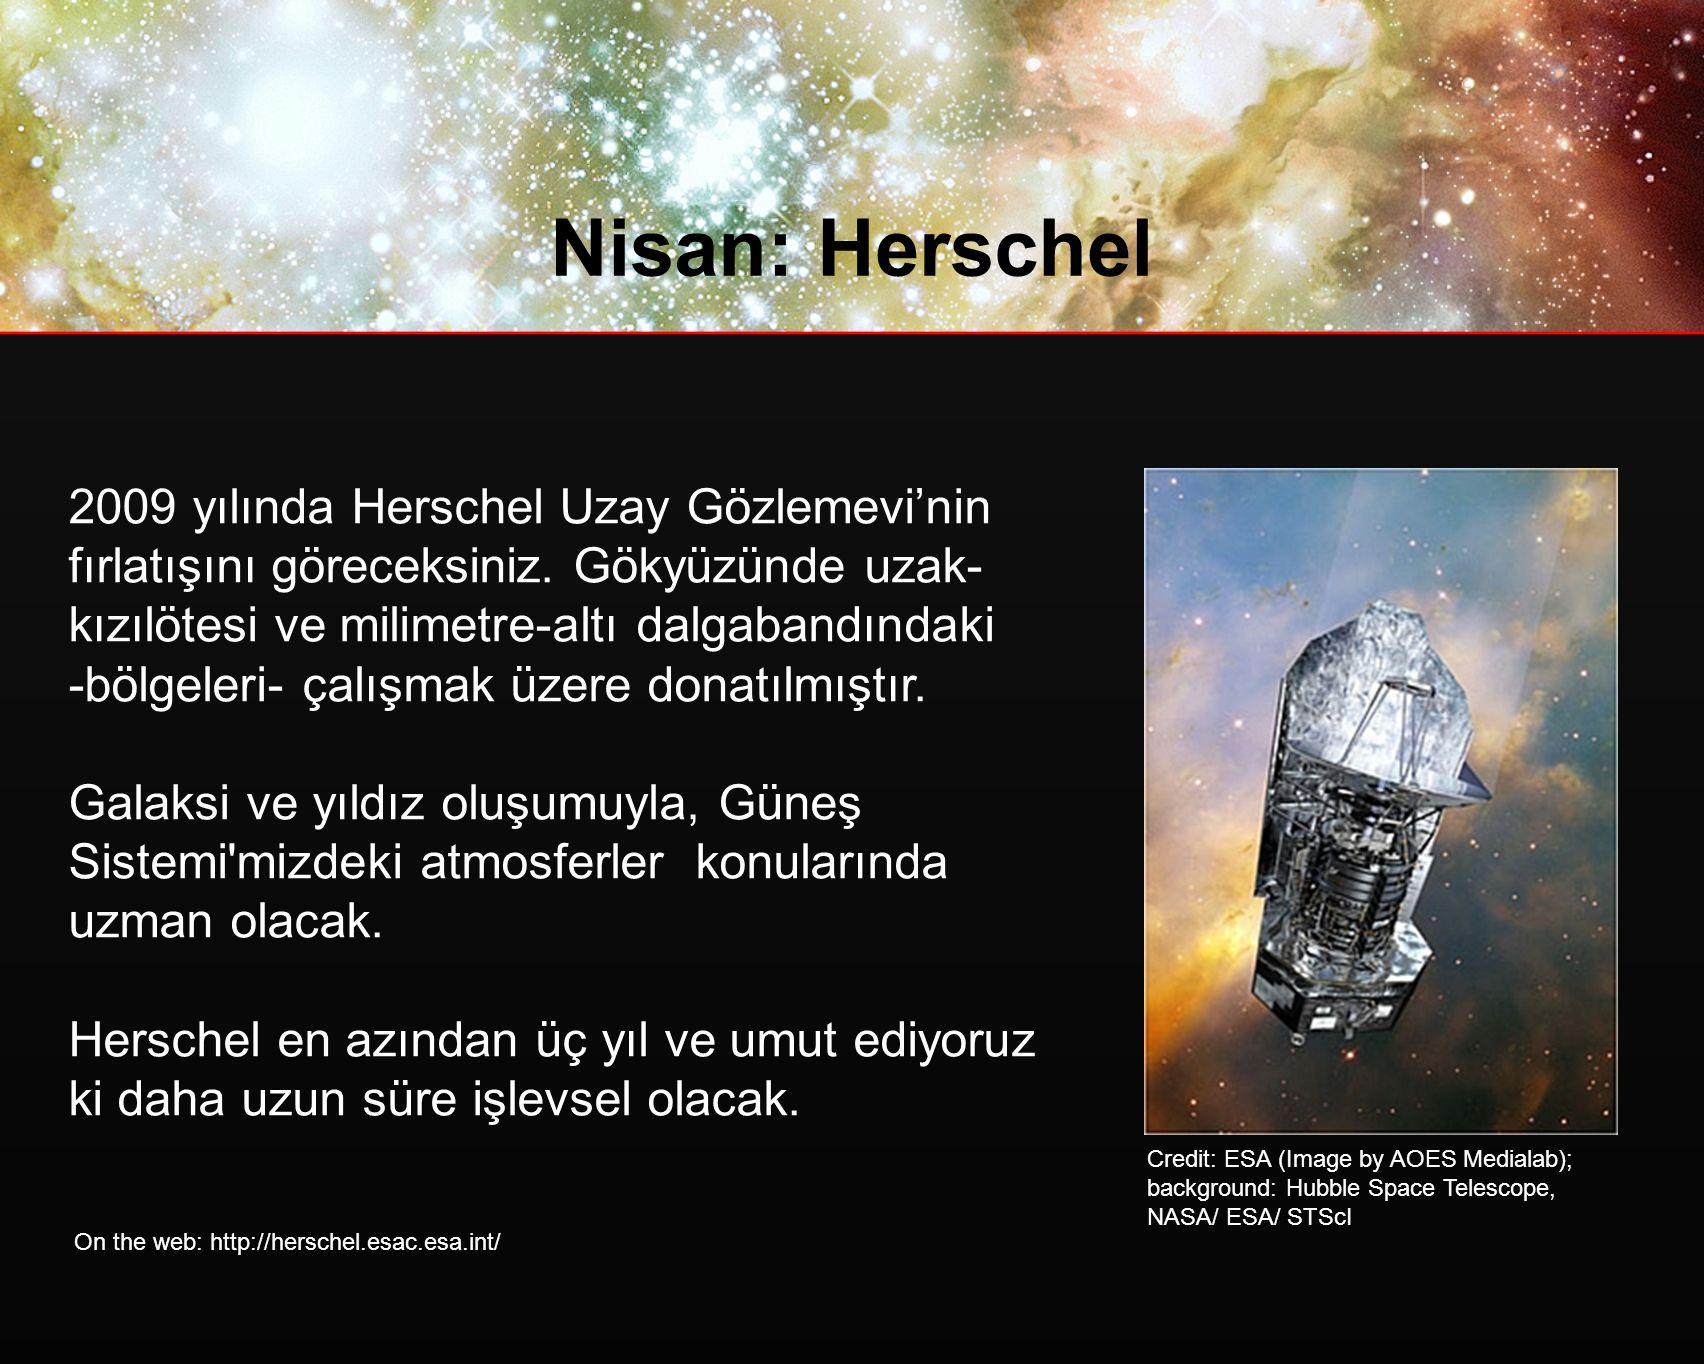 Nisan: Herschel 2009 yılında Herschel Uzay Gözlemevi'nin fırlatışını göreceksiniz.